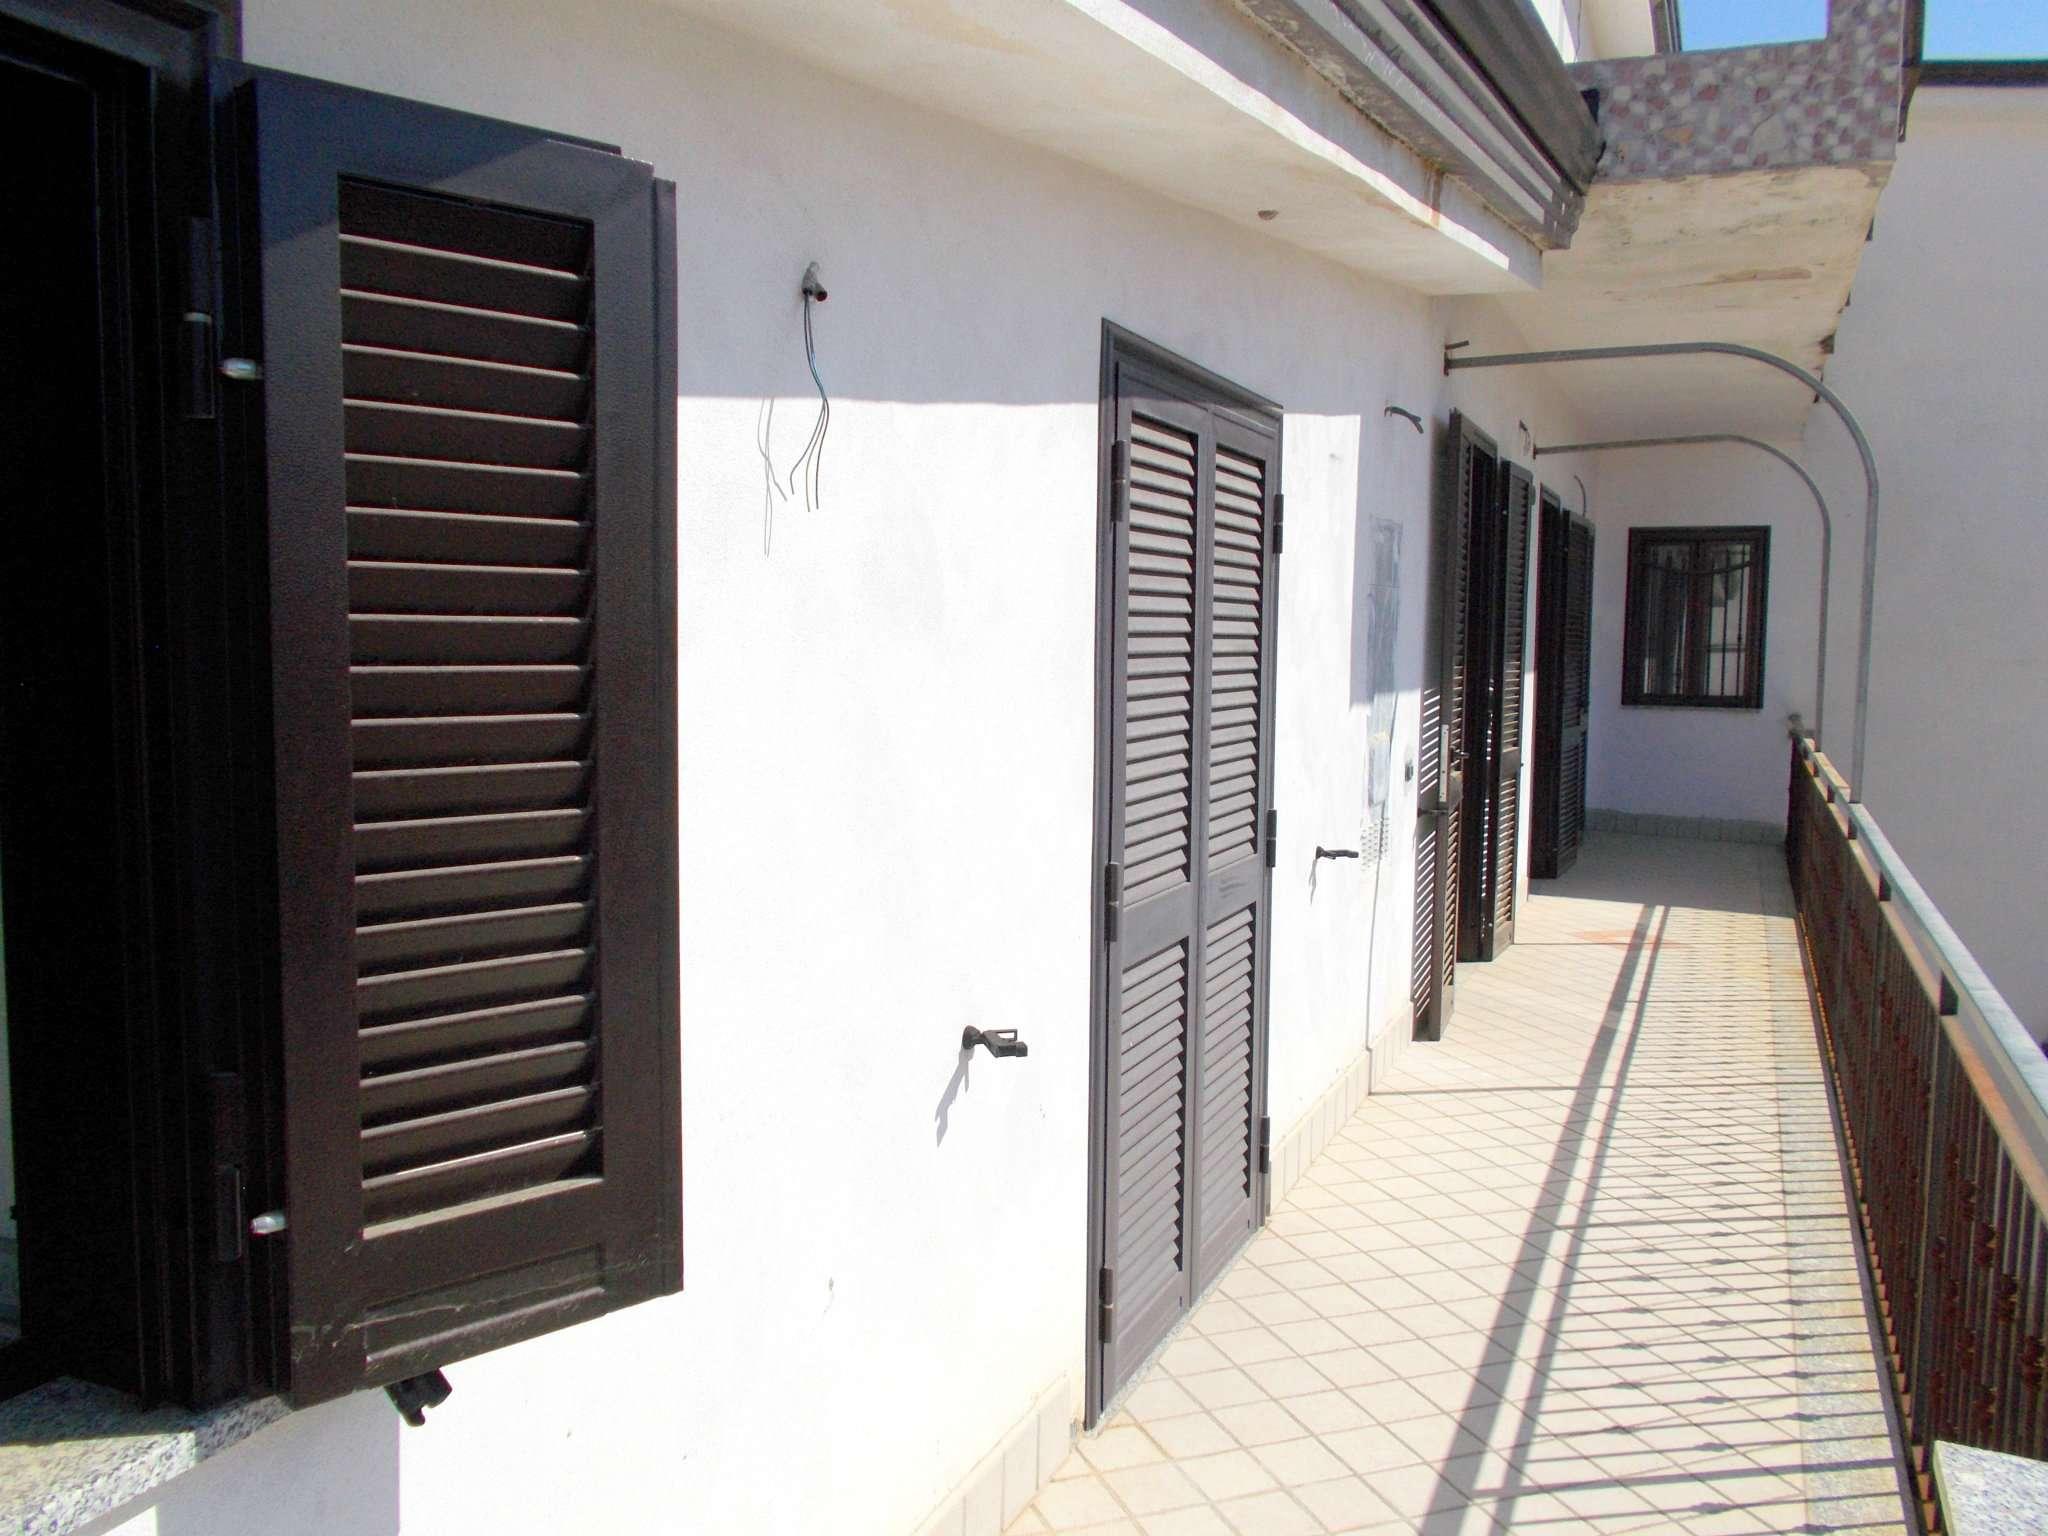 Appartamento in vendita a Santa Maria a Vico, 4 locali, prezzo € 85.000 | PortaleAgenzieImmobiliari.it